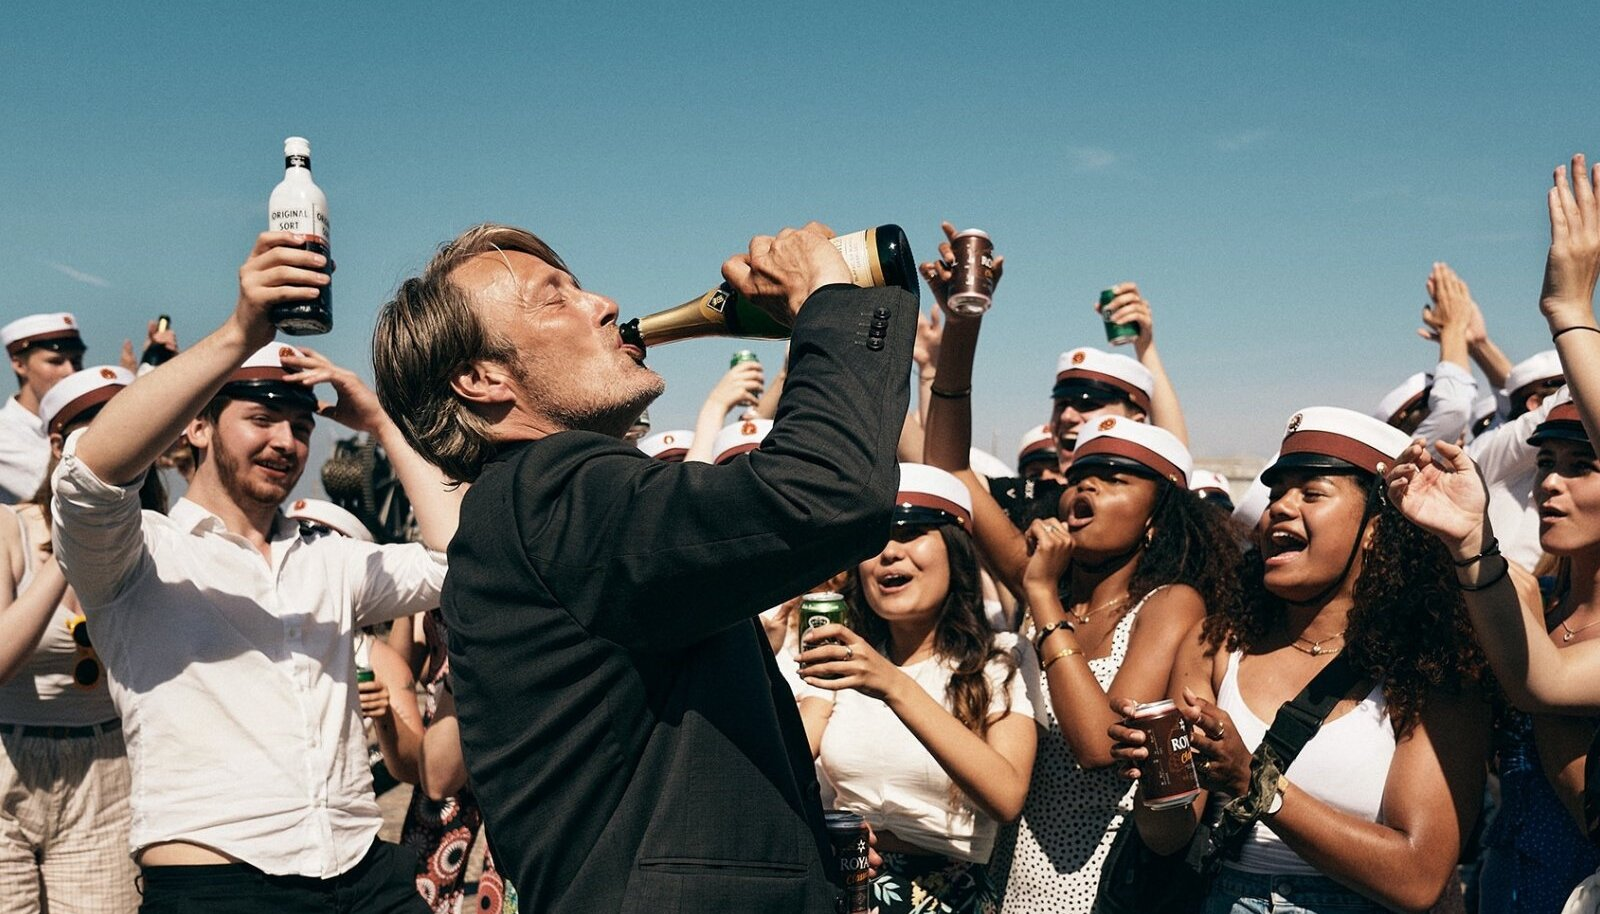 """""""Järgmine ring"""" tegeleb alkoholismiteemaga, ei loe seejuures moraali, vaid püüab oma tegelasi mõista."""